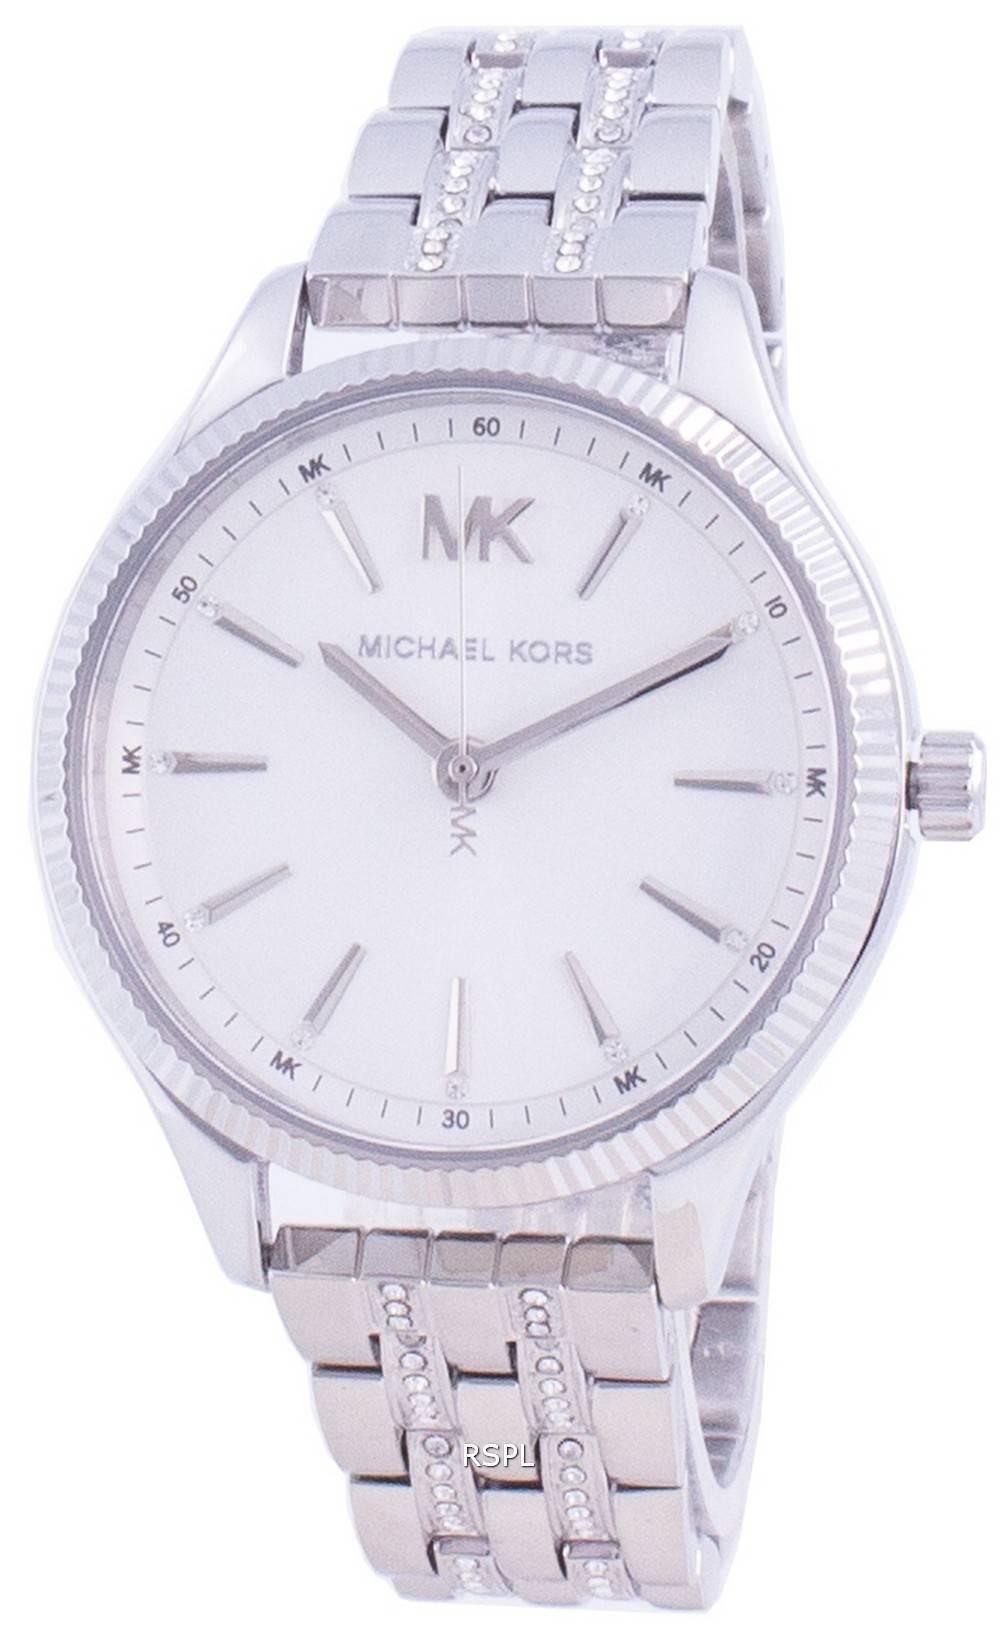 マイケルコースレキシントンMK6738クォーツダイヤモンドアクセントレディース腕時計